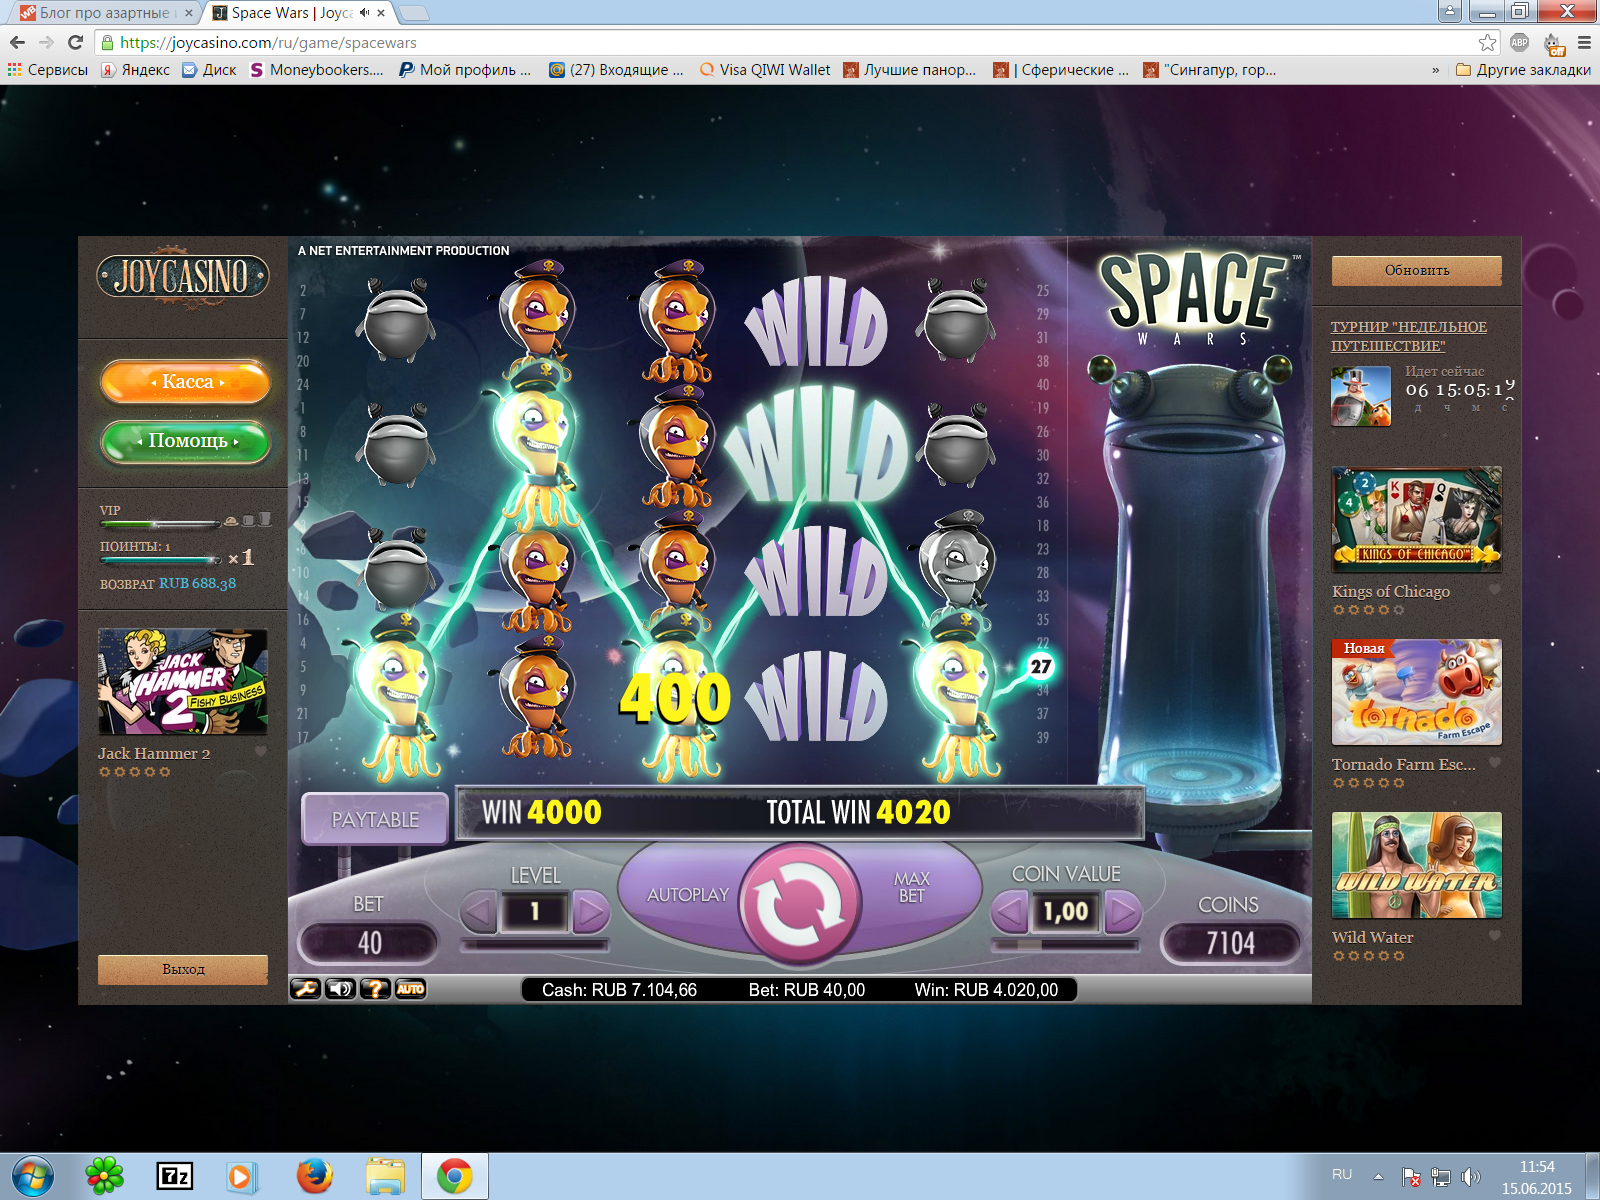 Игровые автоматы собственник помещения деньги покер онлайн